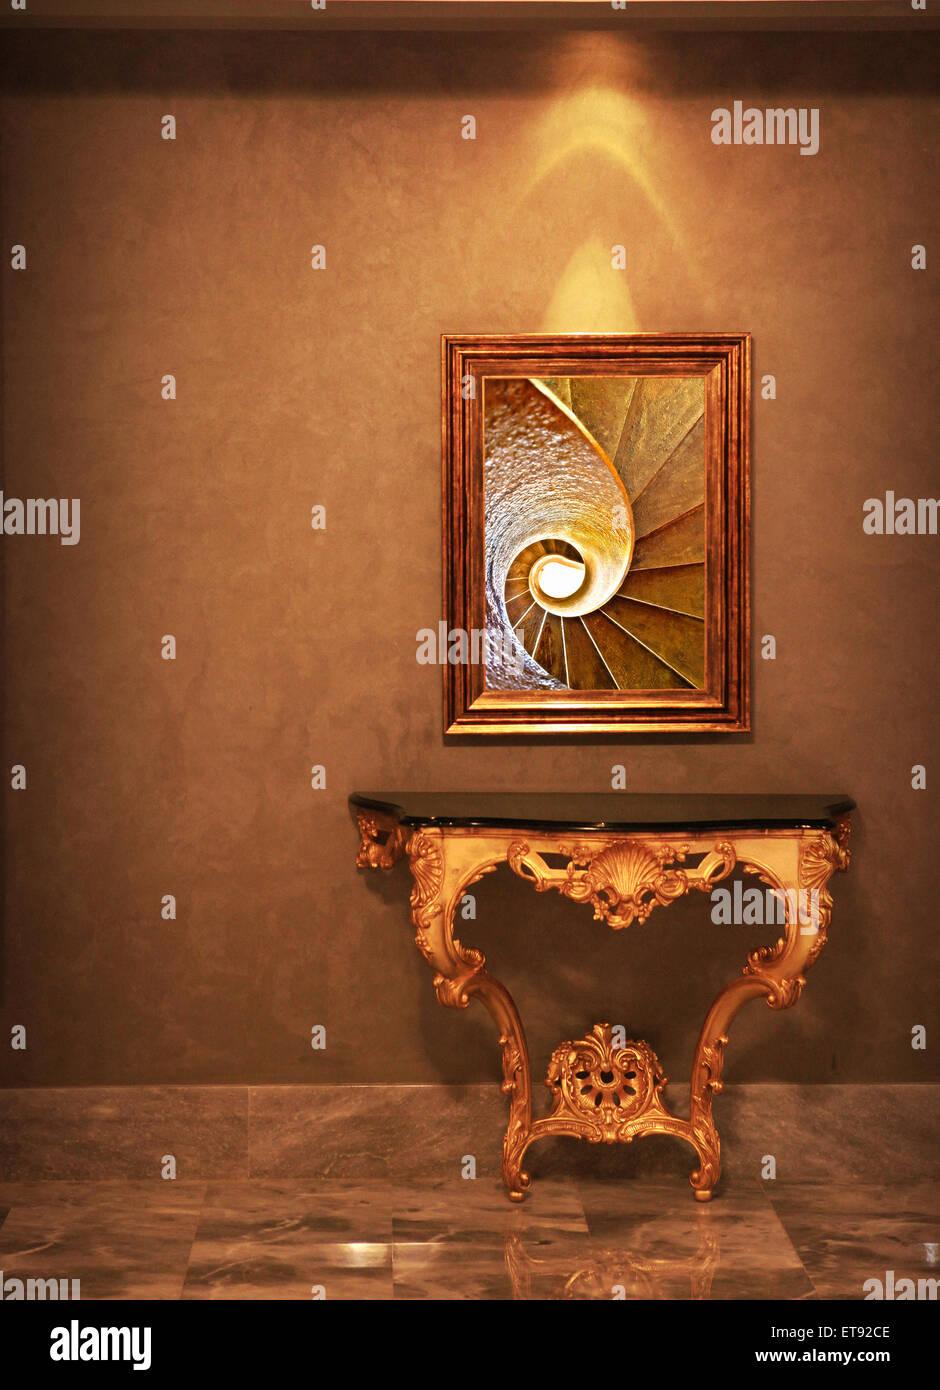 Chassis De Luxe Affichage Holding Une Peinture Ou Une Photo Du Modele En Spirale Nombre D Or Sur La Table De Luxe Tous A L Ecoute De La Couleur D Or Photo Stock Alamy